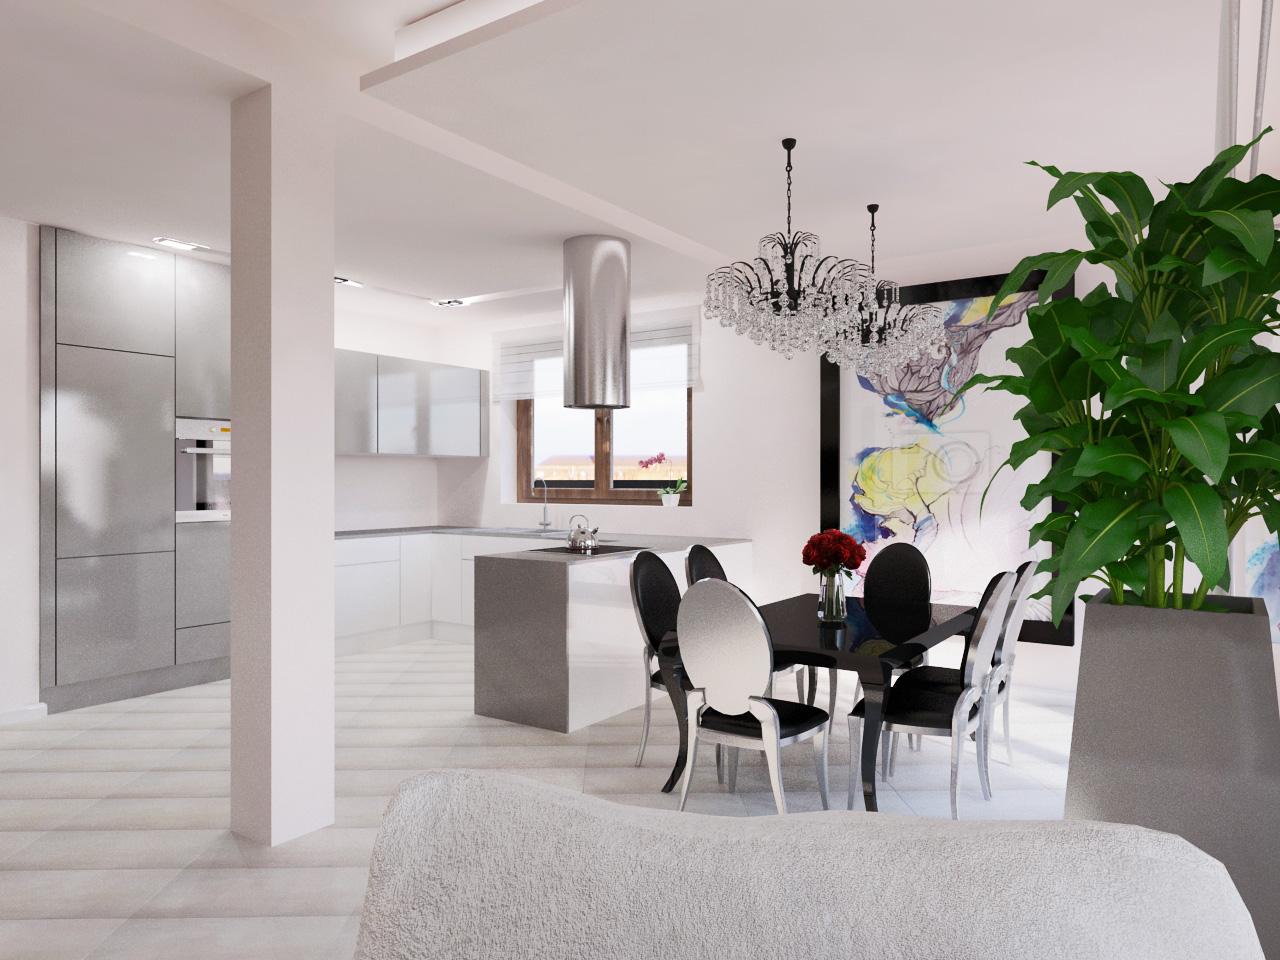 Projekt wnętrza z kuchnią w stylu glamour